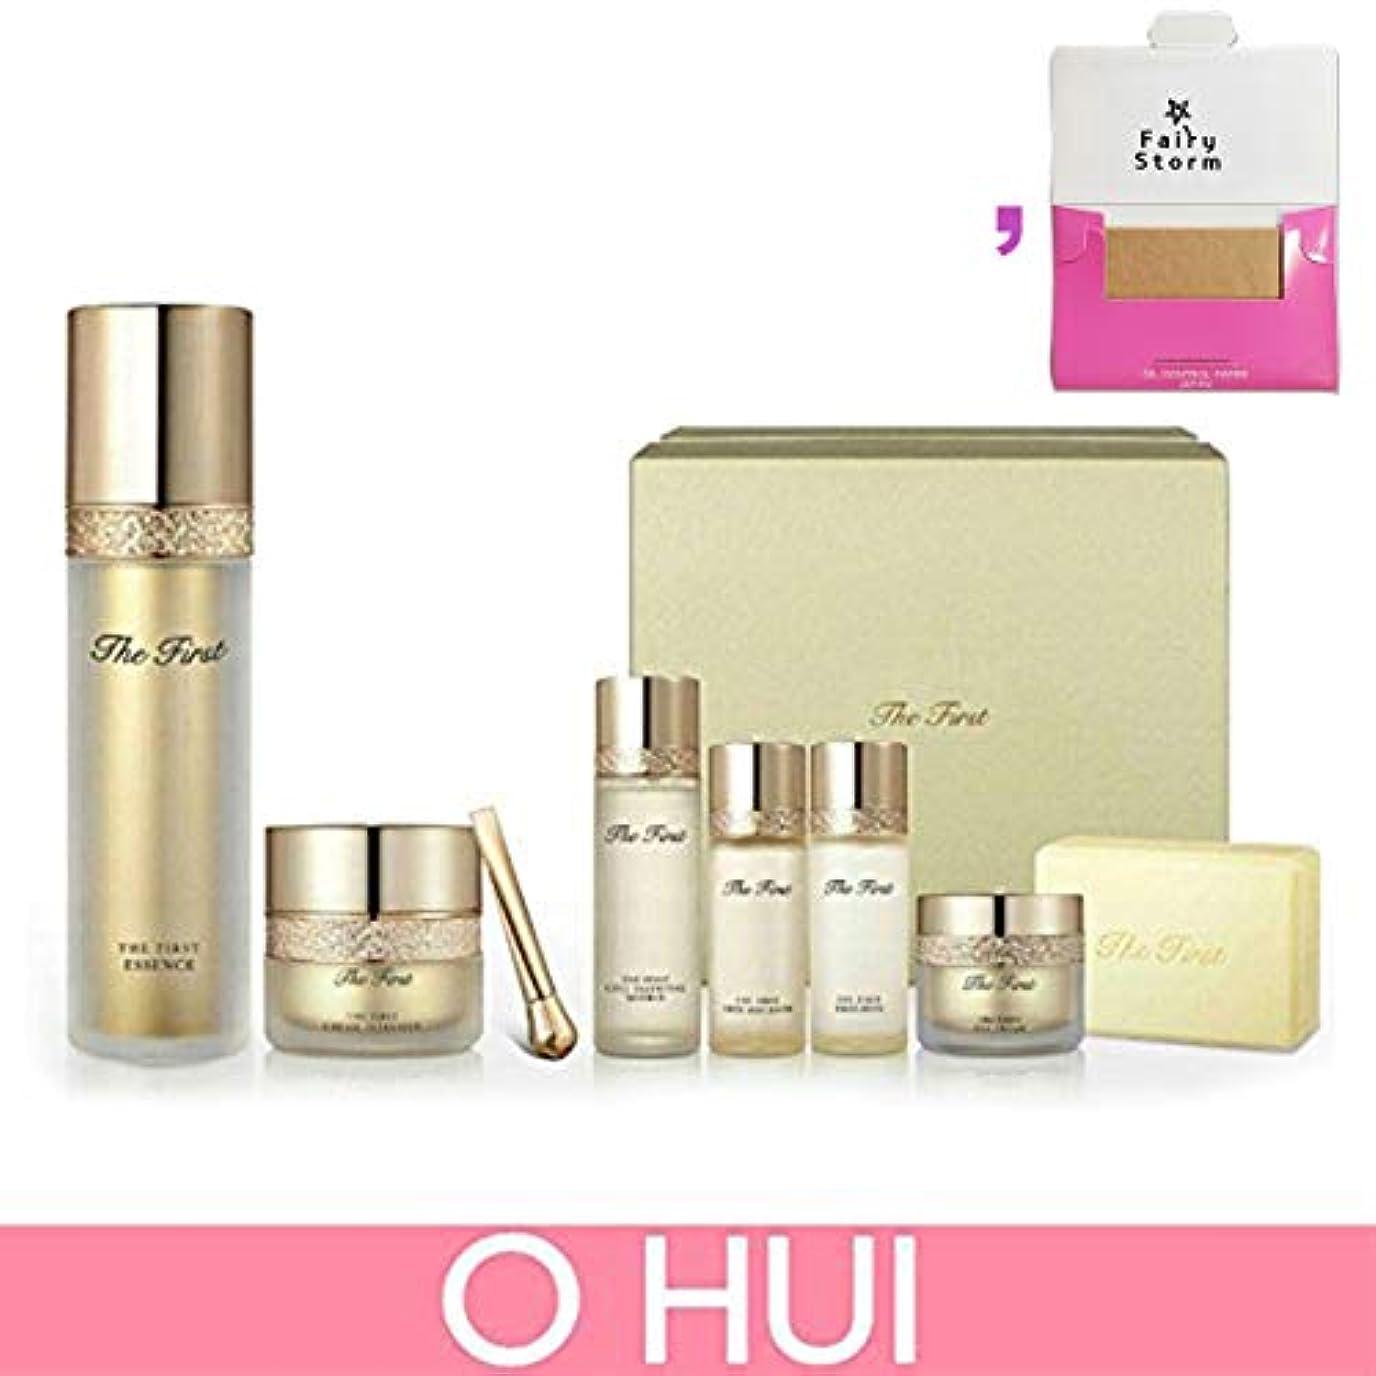 思いつくコーラス骨折[オフィ/O HUI]Ohui The First Essence Gold Edition Special Set 100ml /OH ザ ファースト エッセンス 100ml + [Sample Gift](海外直送品)